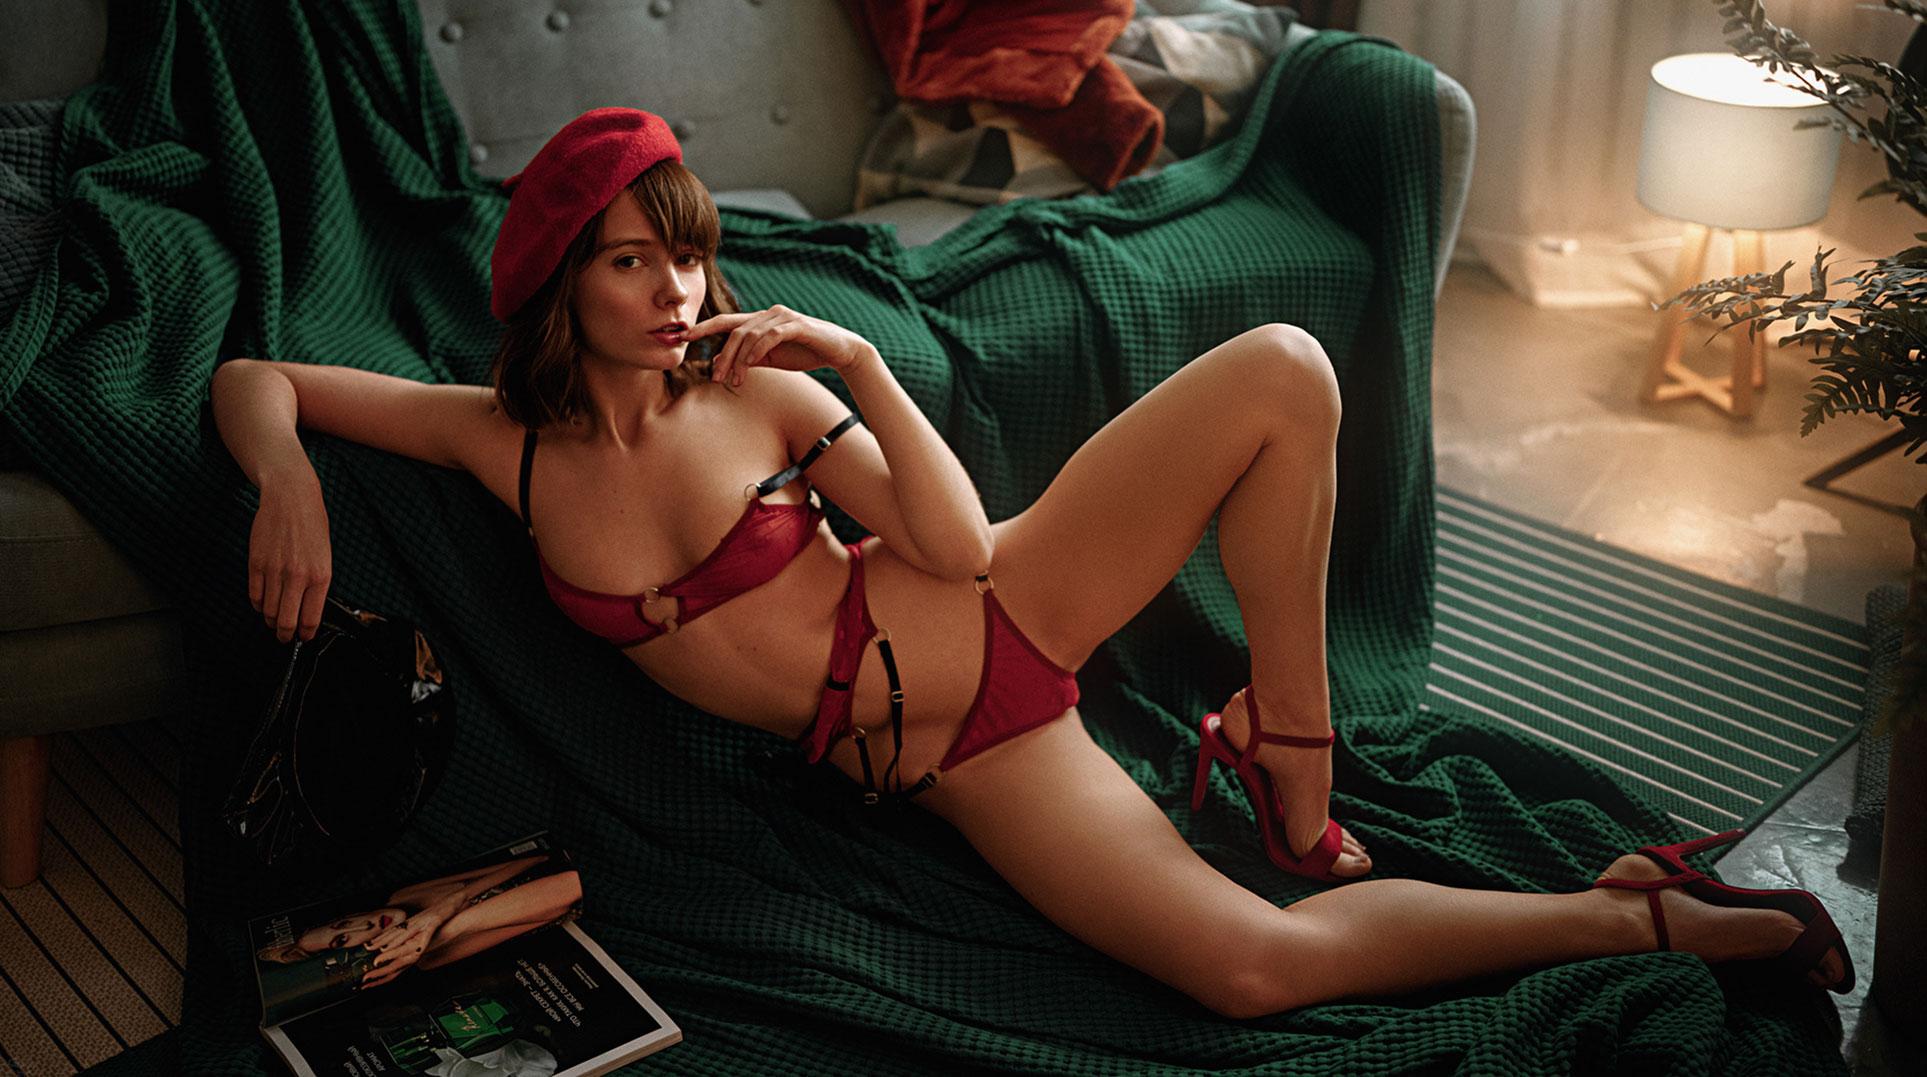 Марта Громова, фотограф Георгий Чернядьев / фото 02